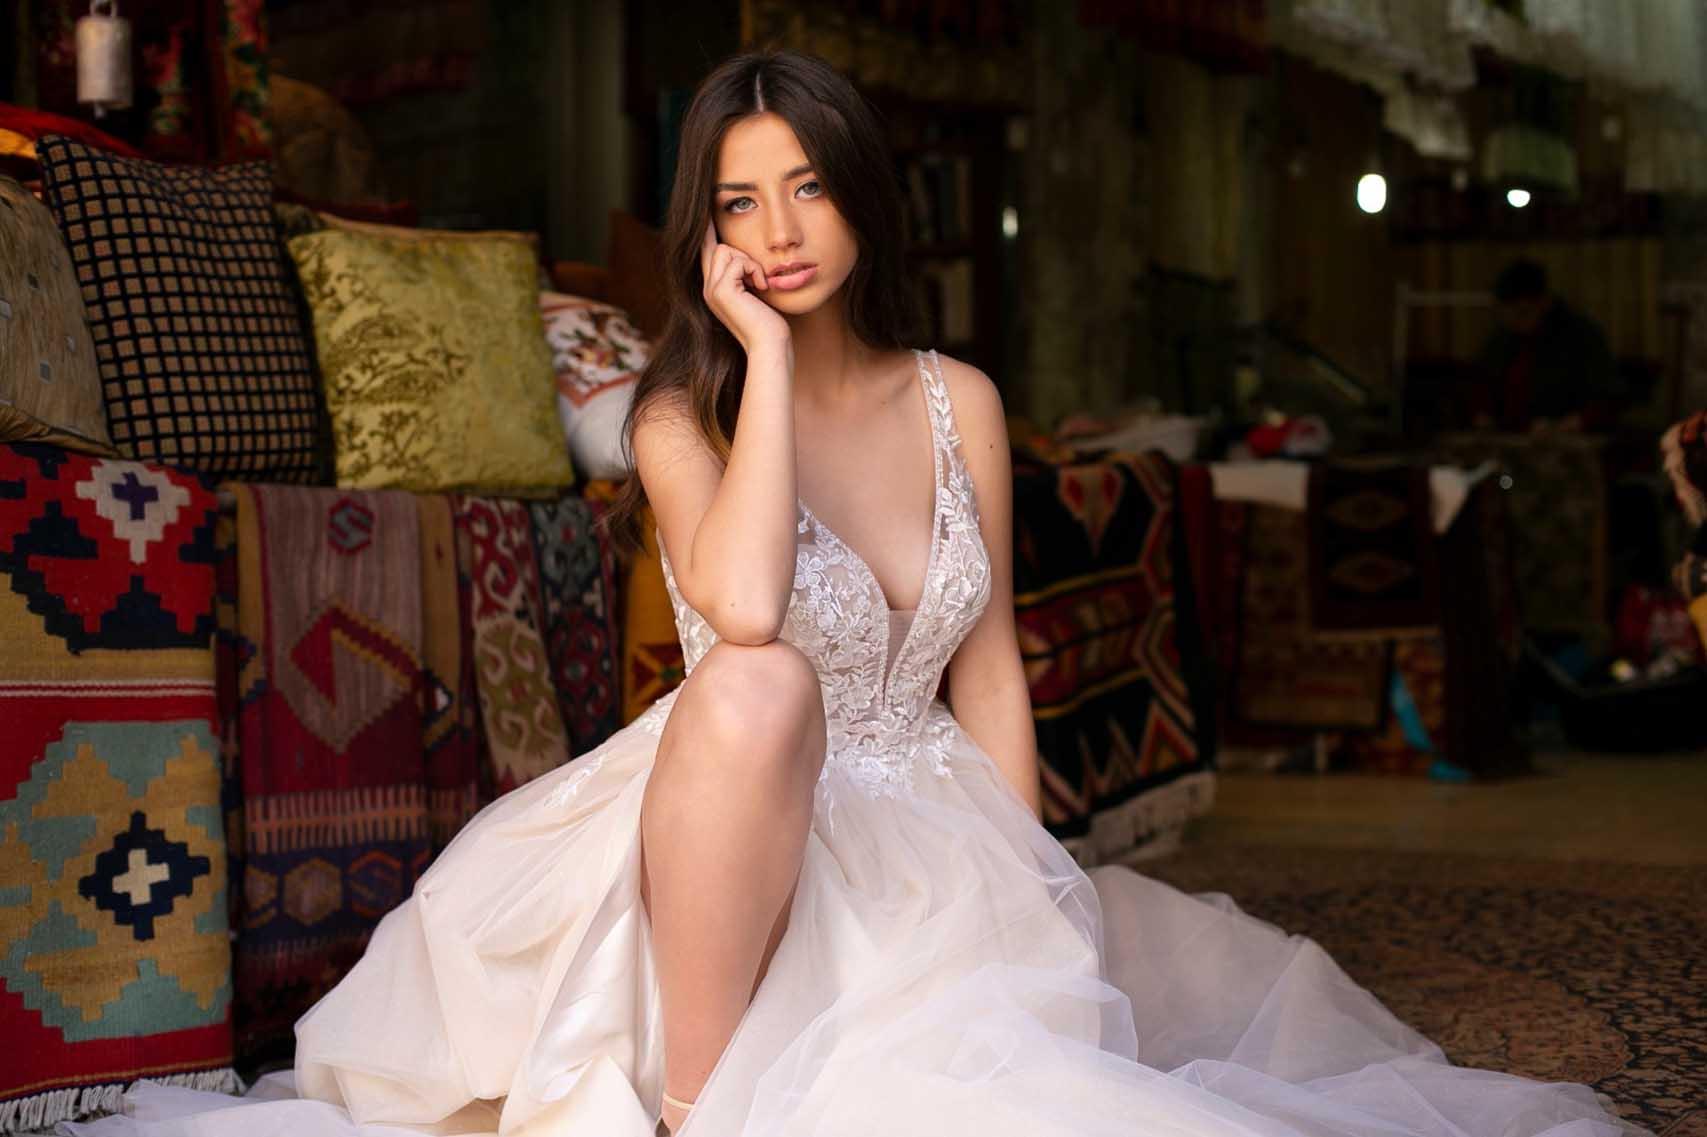 יניב_פרסי_שמלות_כלה_כתבות_אופנה_